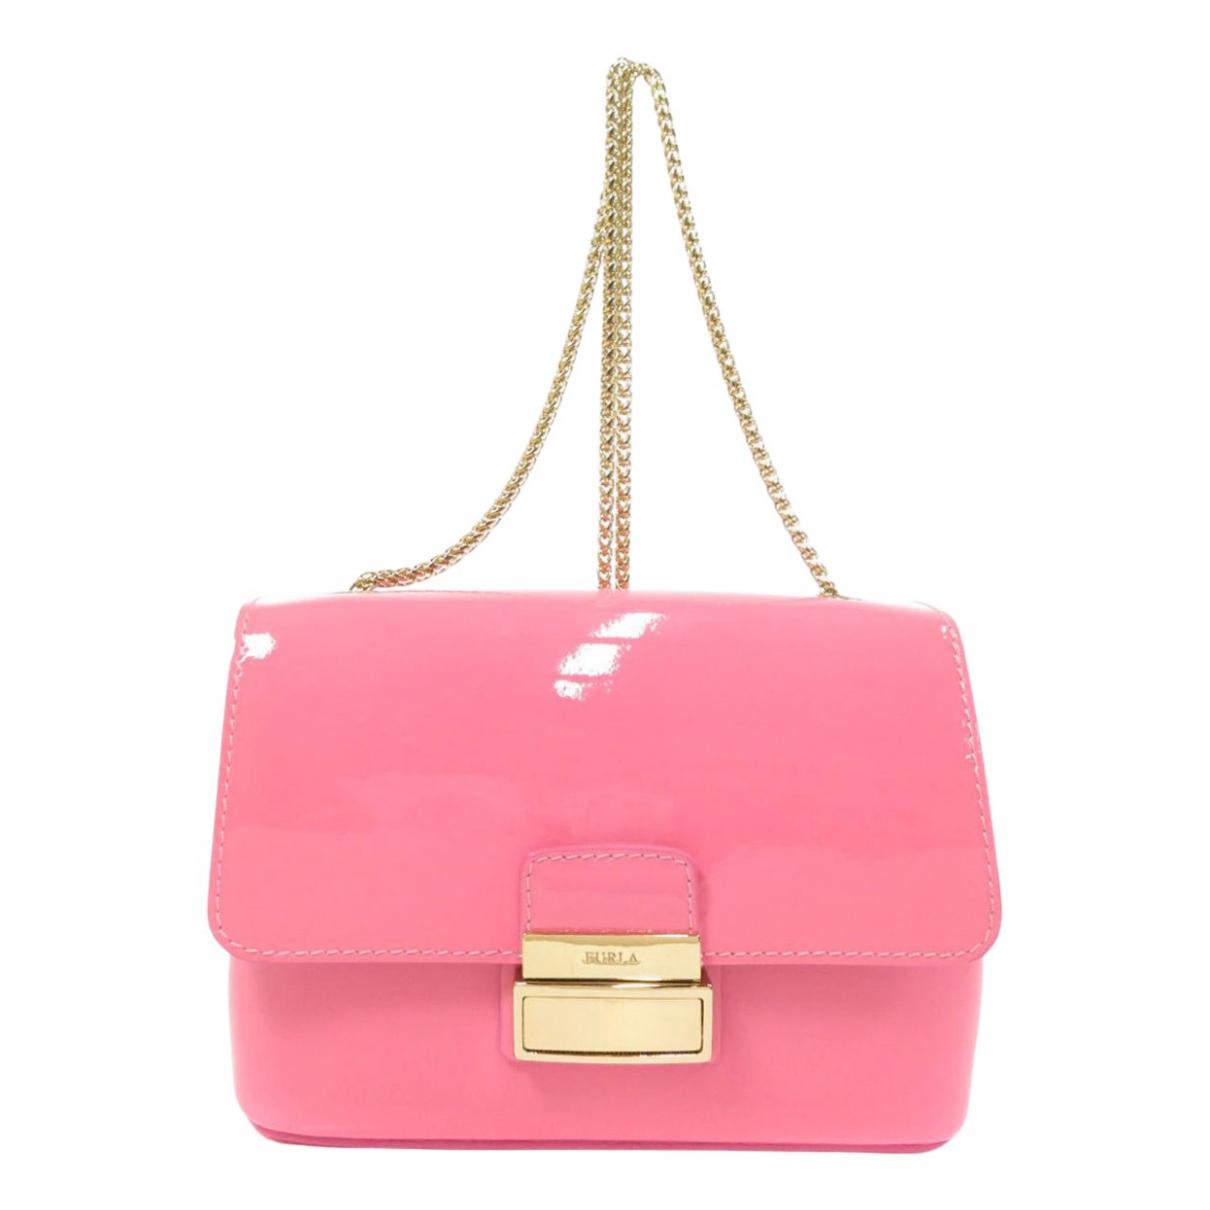 Furla \N Handtasche in  Rosa Lackleder